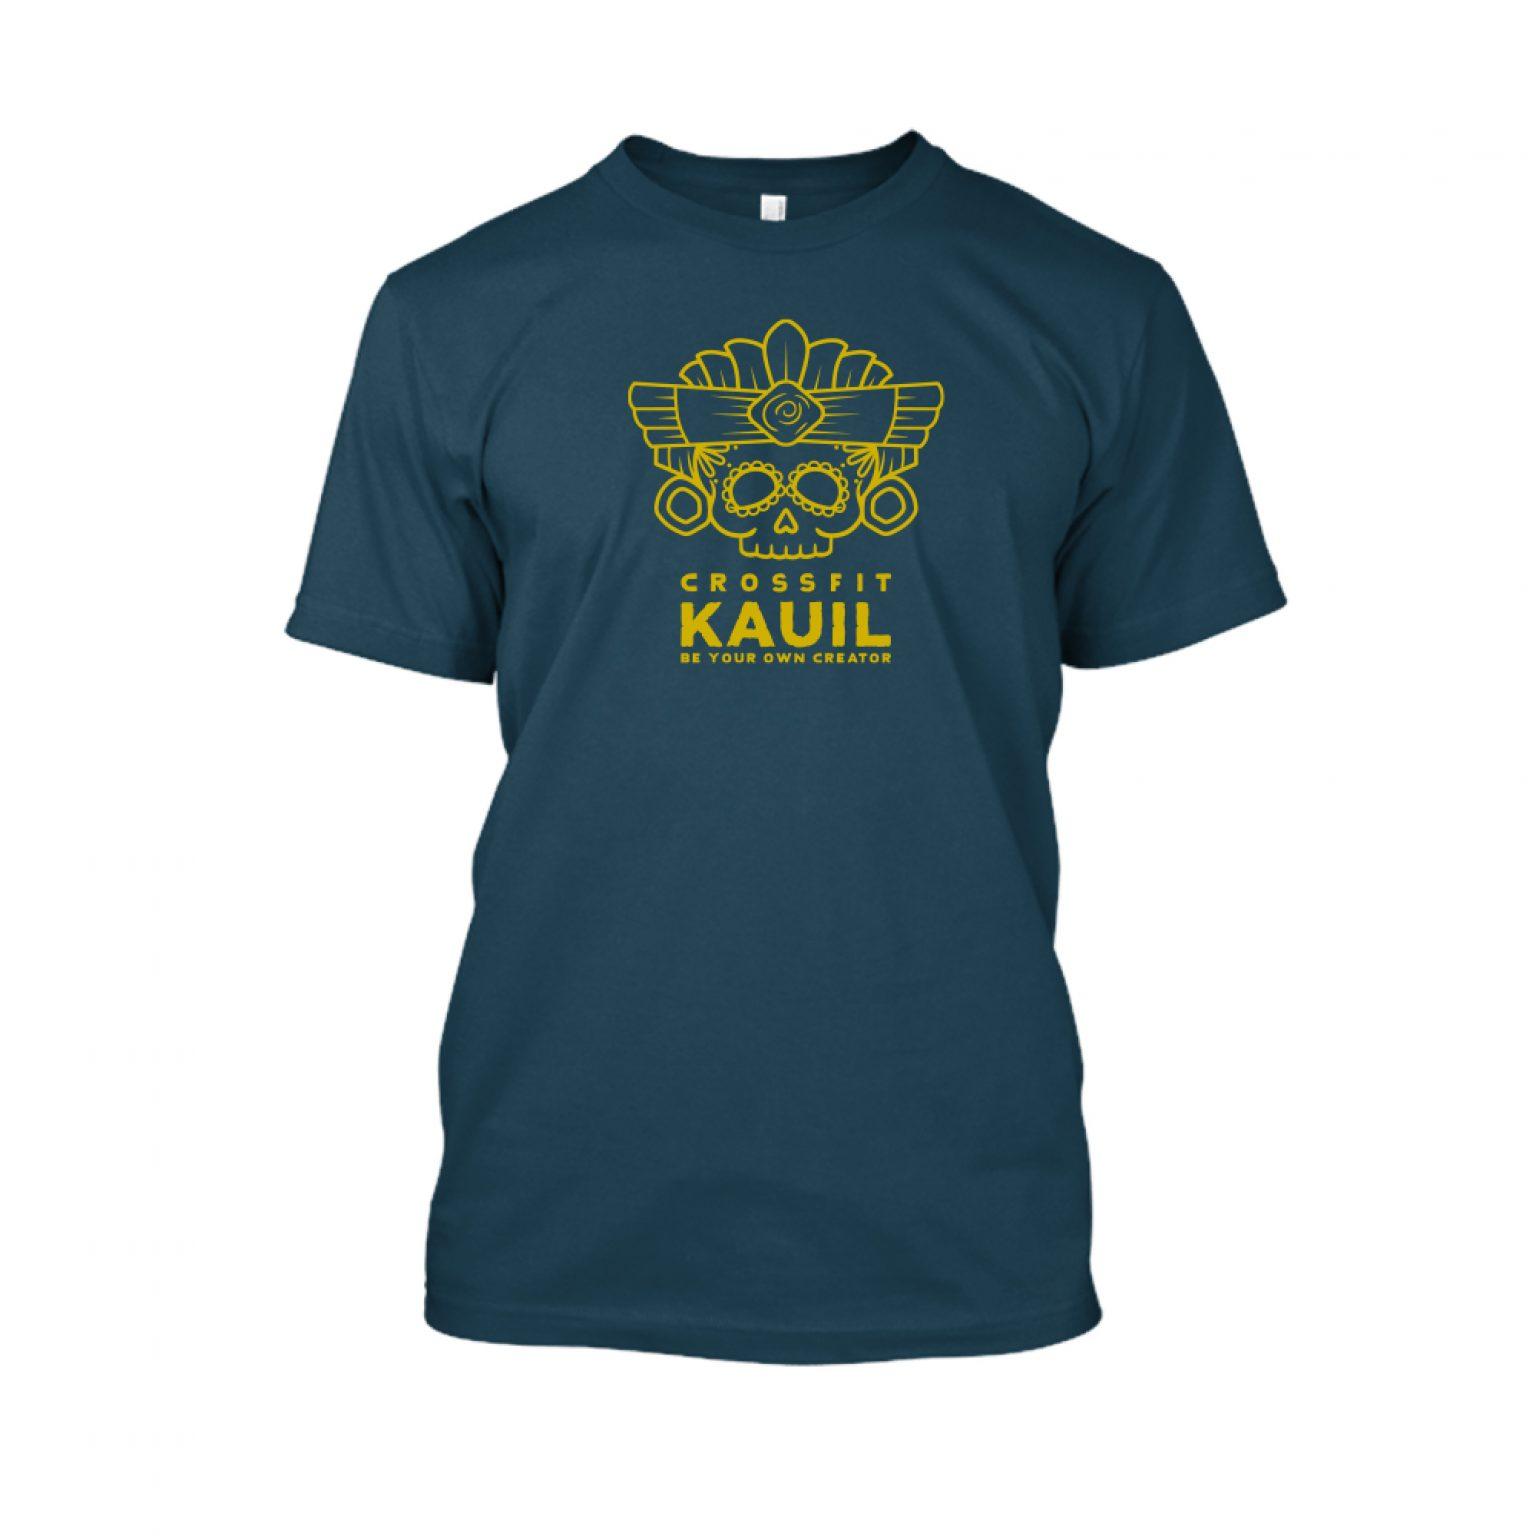 Herren Shirt Navy1 gold front